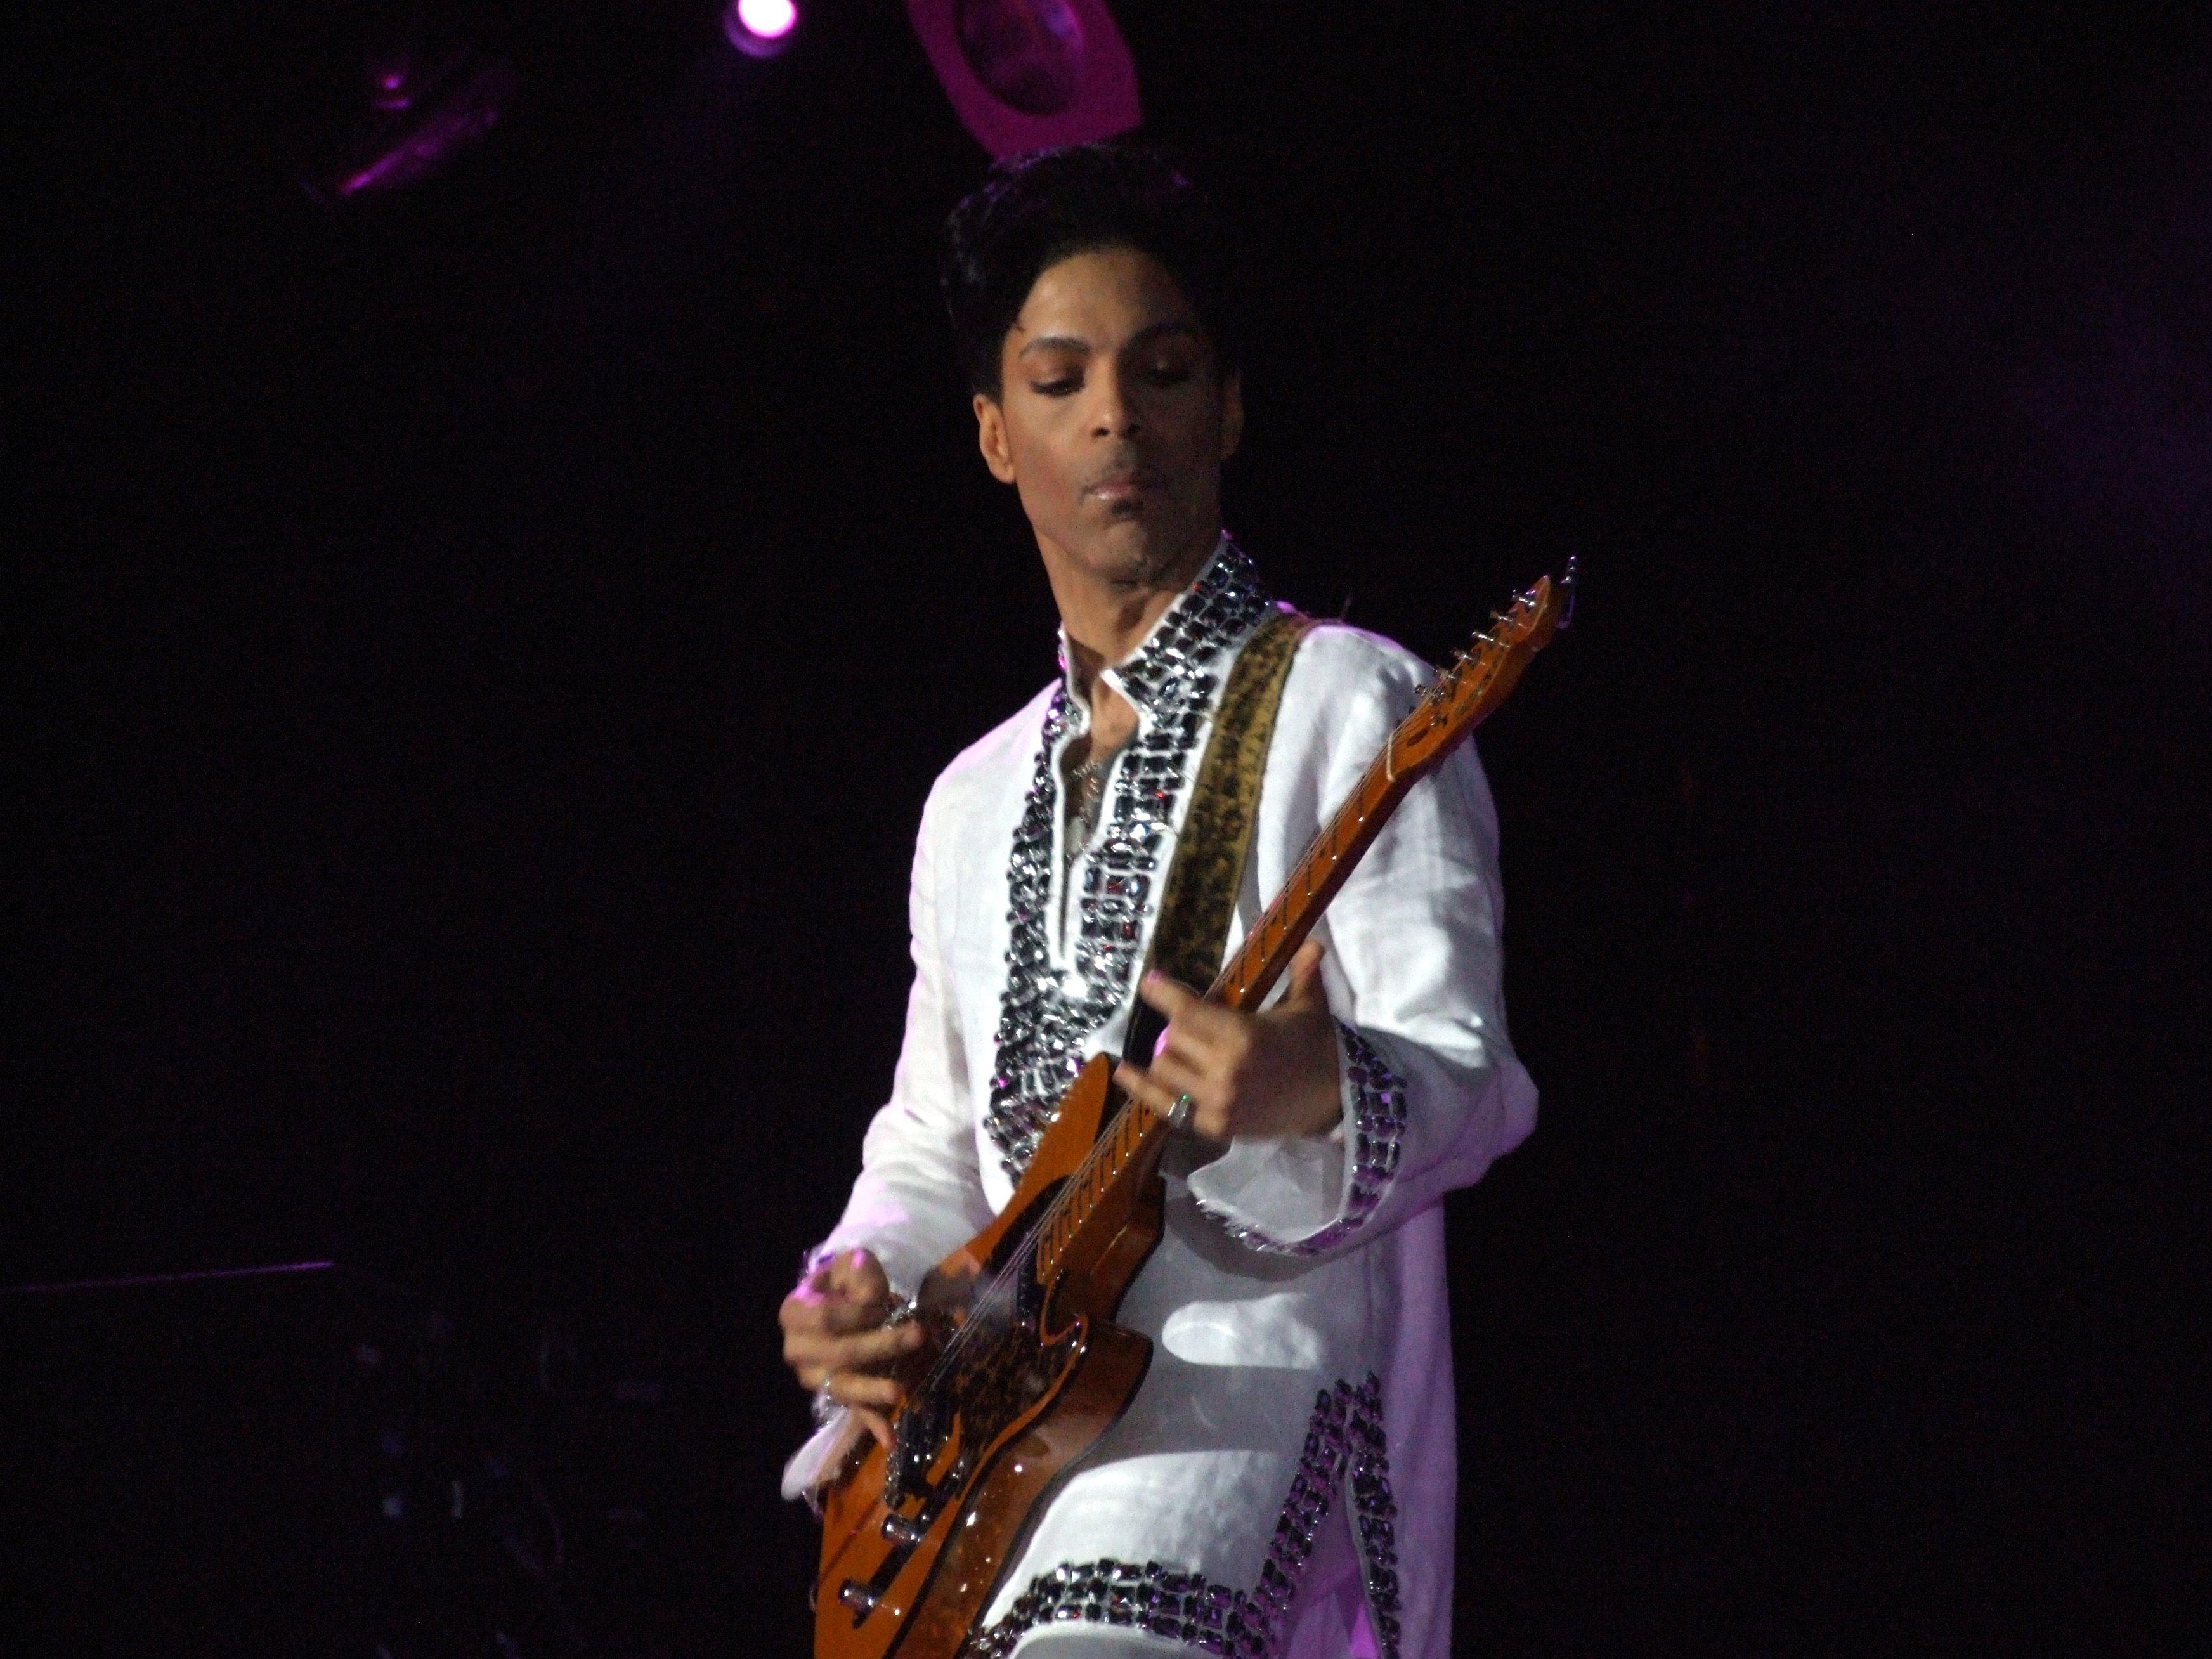 於 Coachella 音樂節表演的Prince。( Photo via Wikipedia)